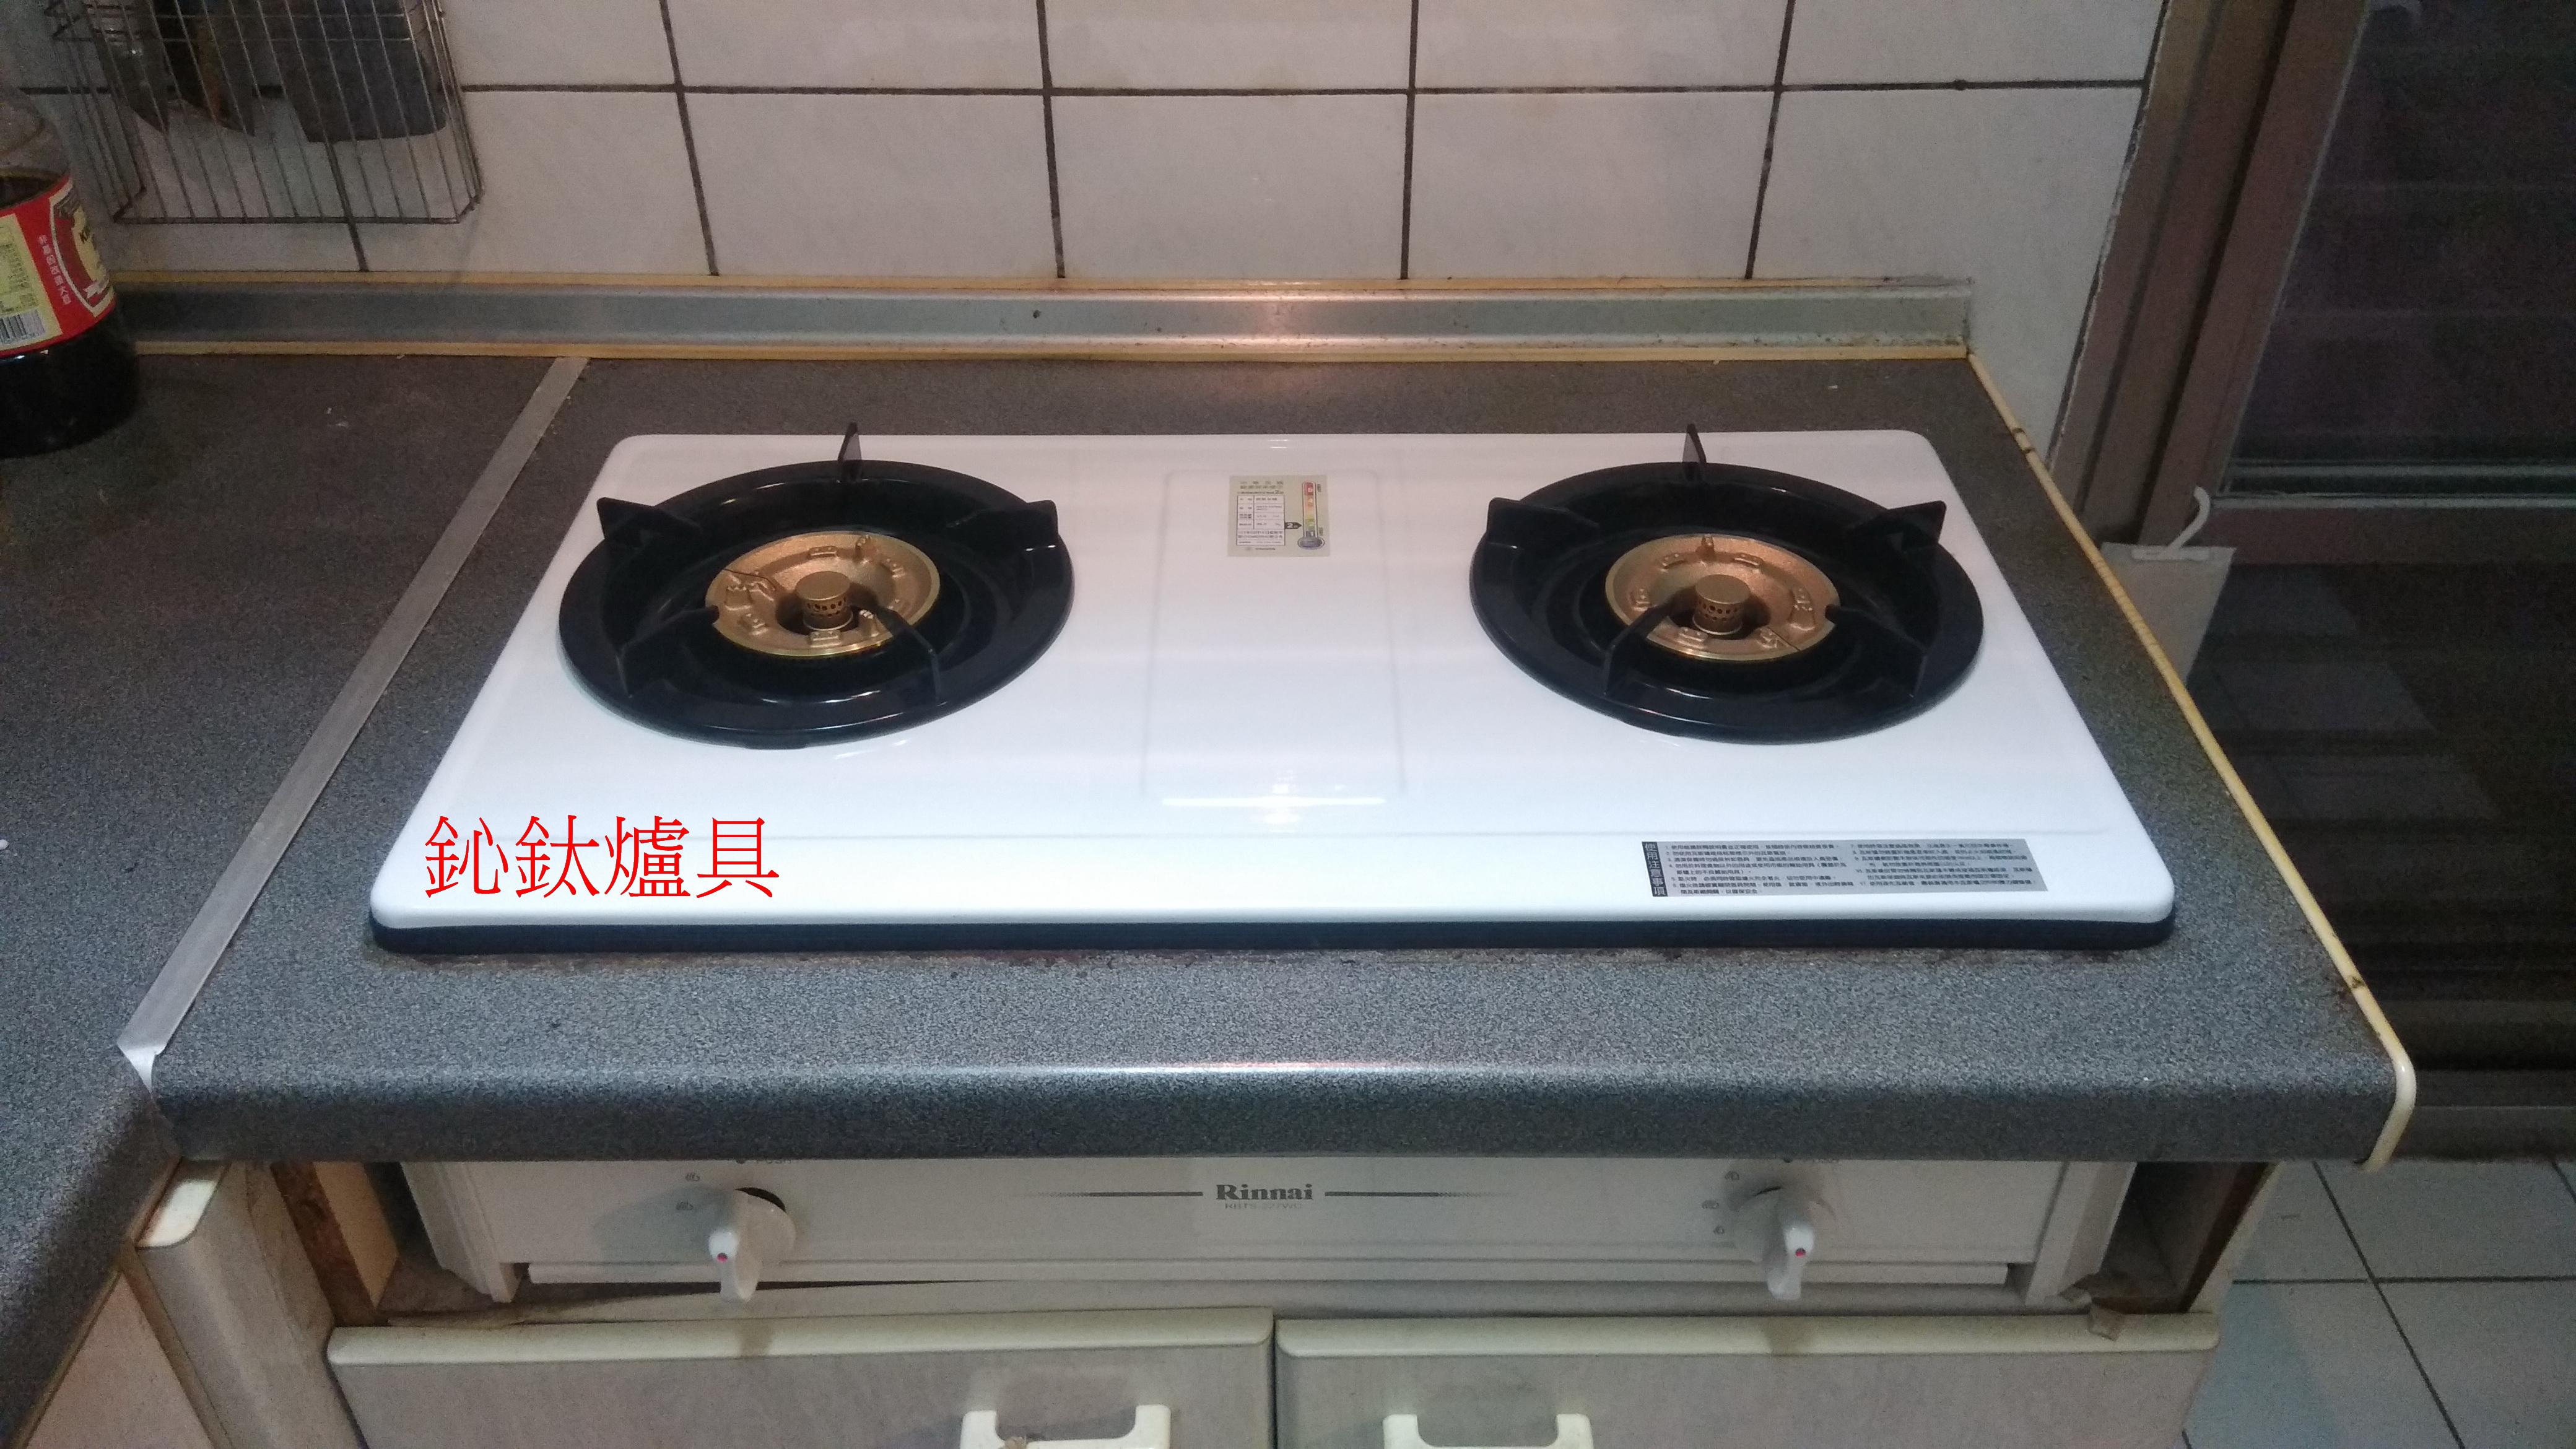 林內瓦斯爐RBTS-227WC一般嵌入式二口爐(含基本安裝) – 櫻花熱水器莊頭北瓦斯爐林內除排油煙機-鈊鈦爐具